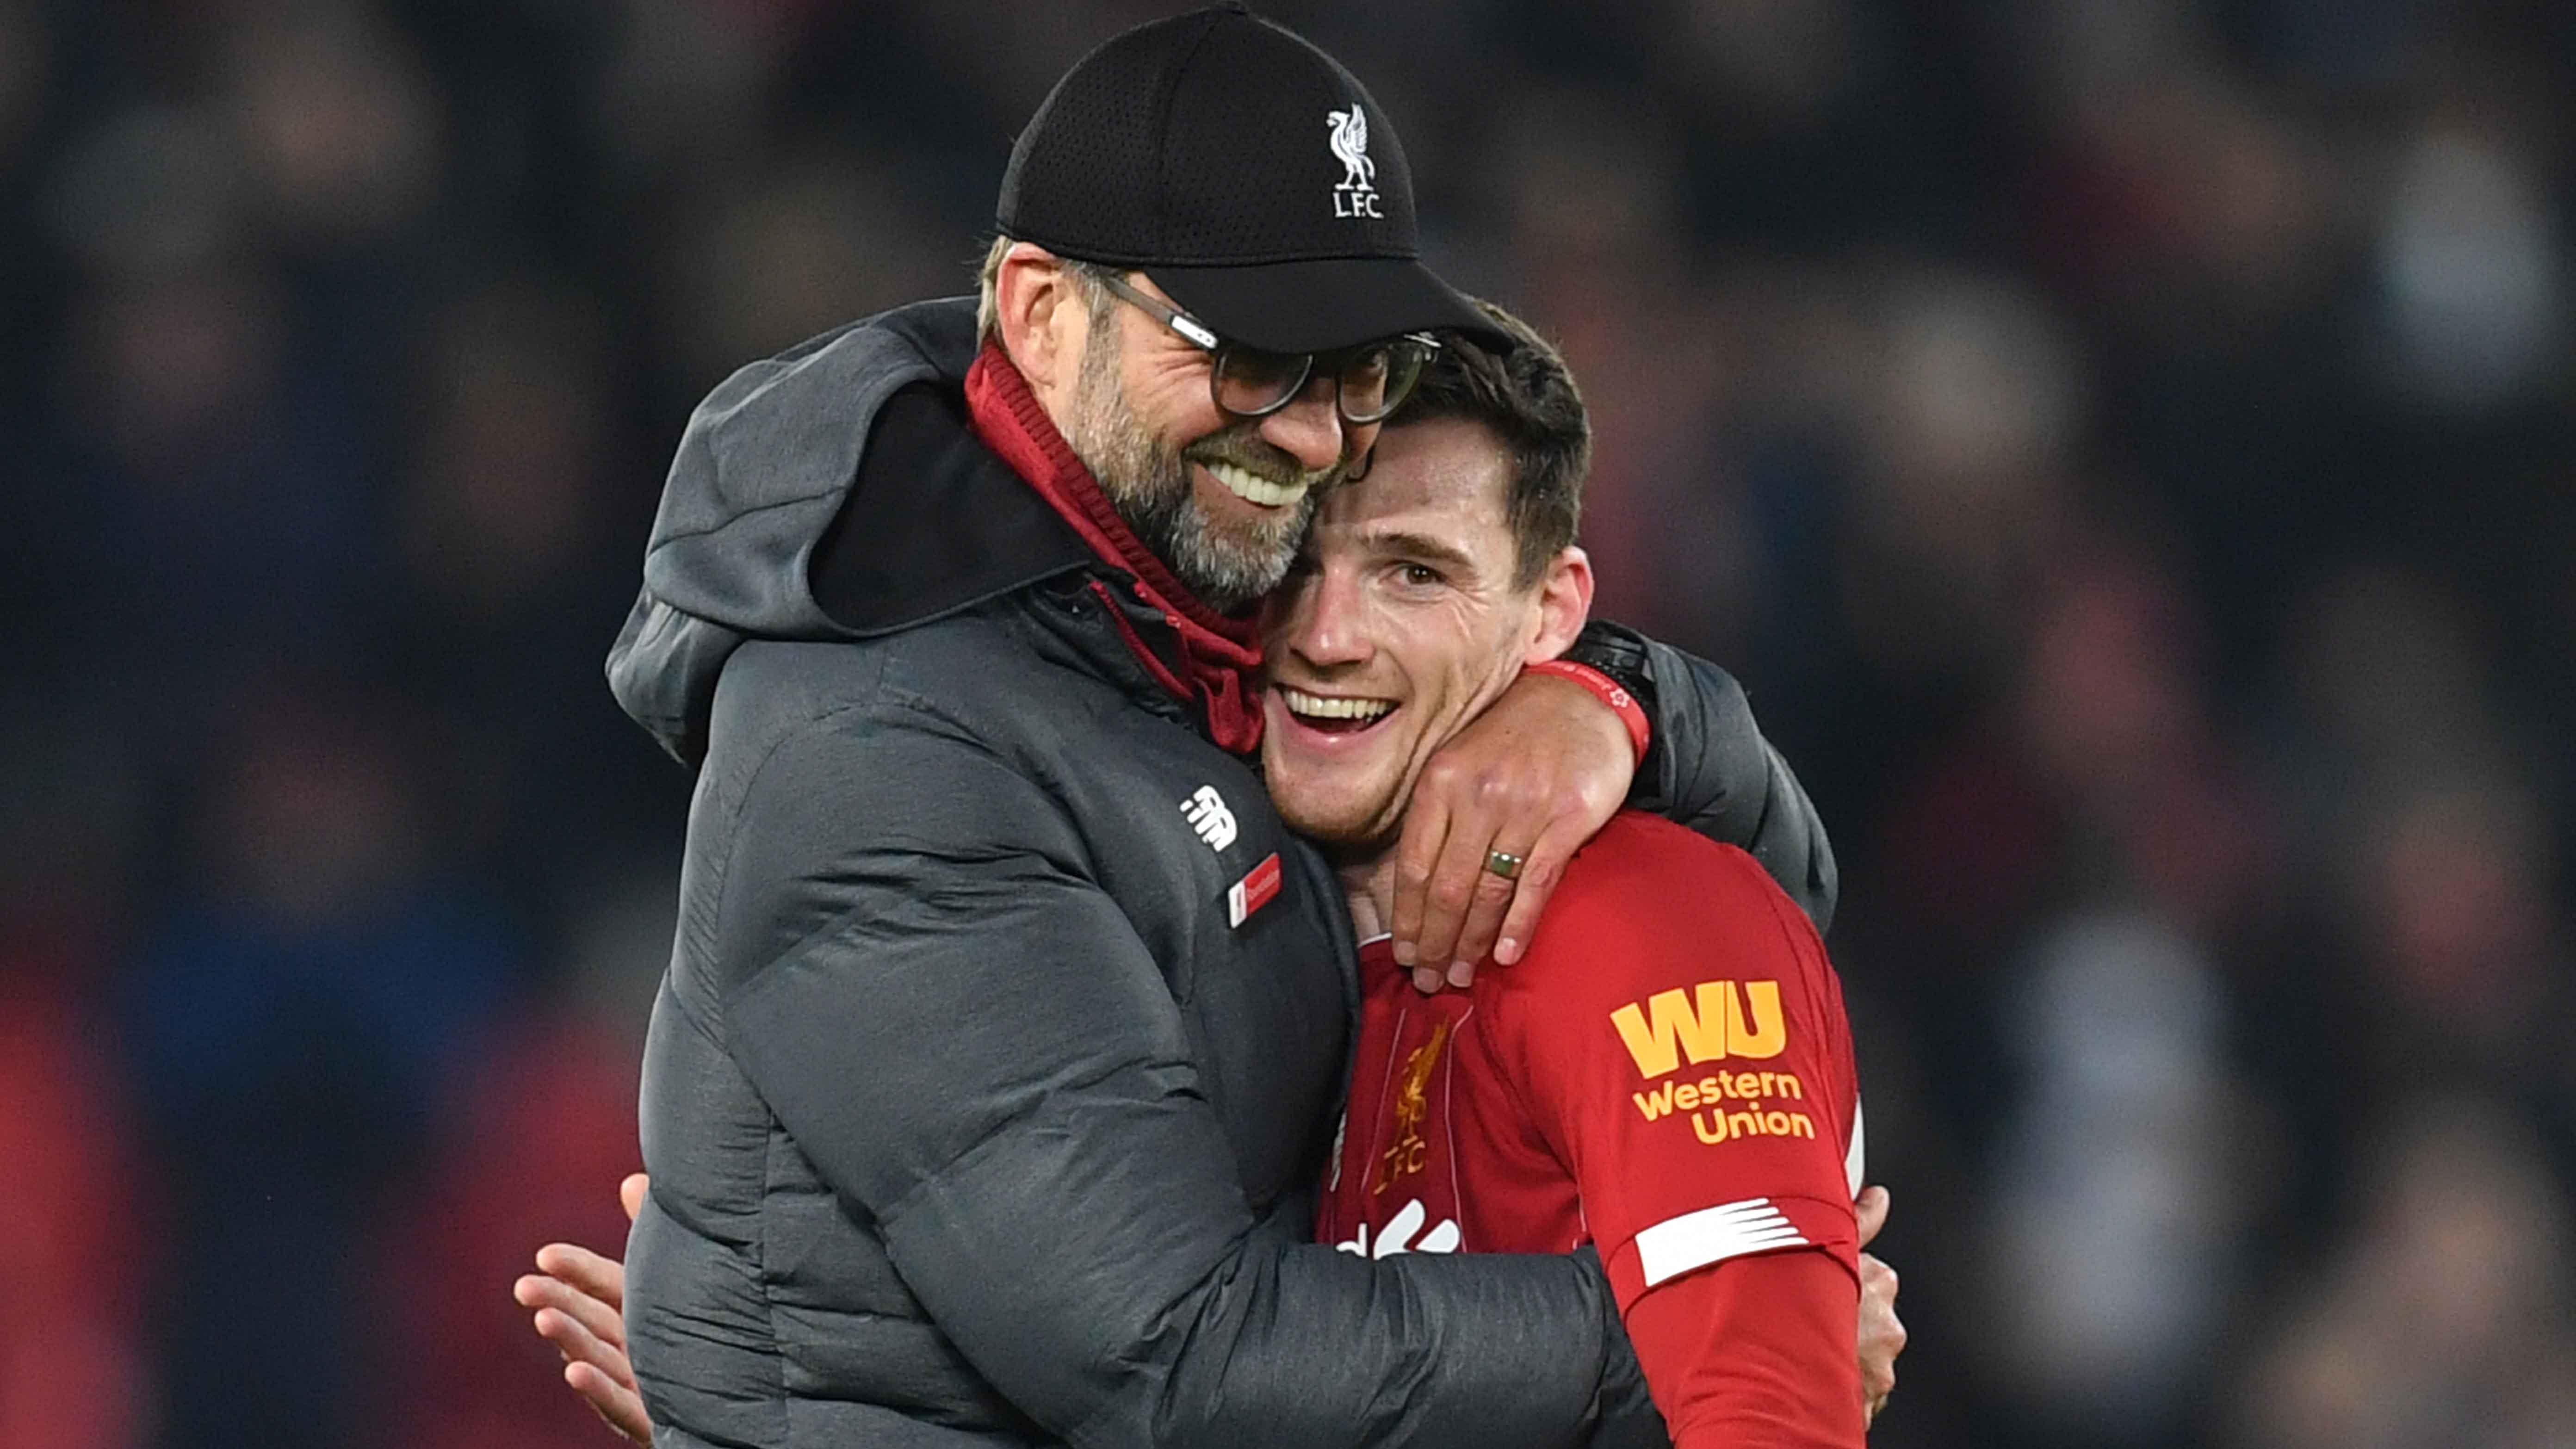 El Liverpool cierra un año de ensueño con una nueva victoria | El Heraldo